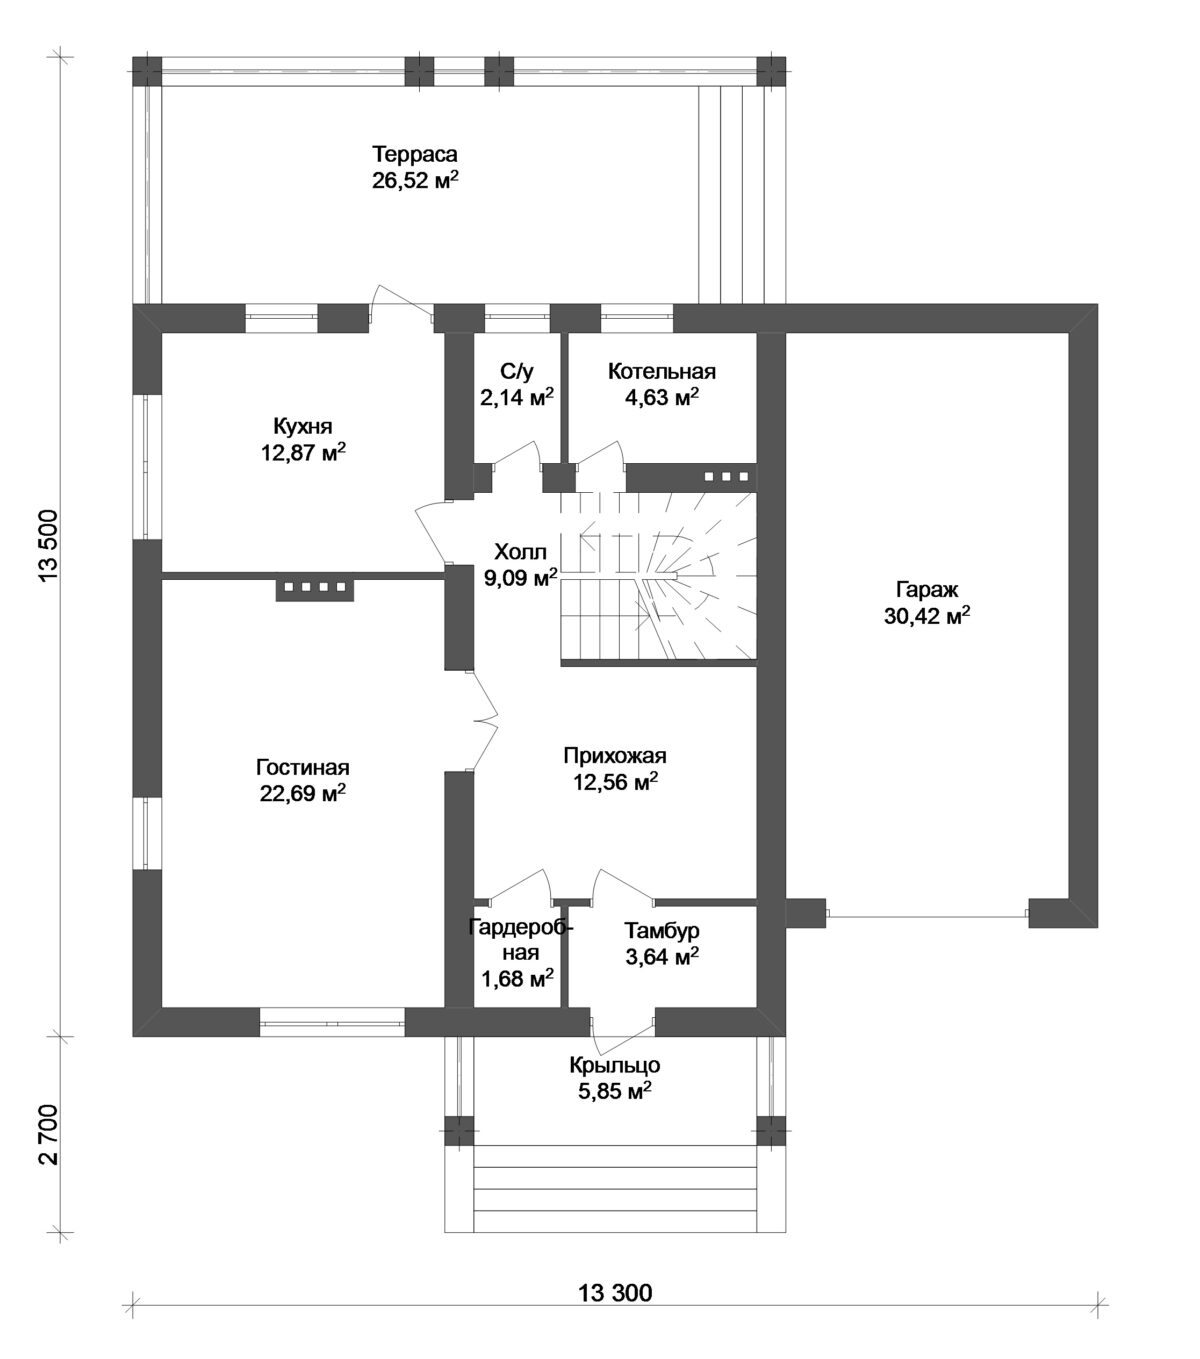 Маркер D-122. Проект одноэтажного с мансардой дома с тремя спальнями, террасой, пристроенным гаражом